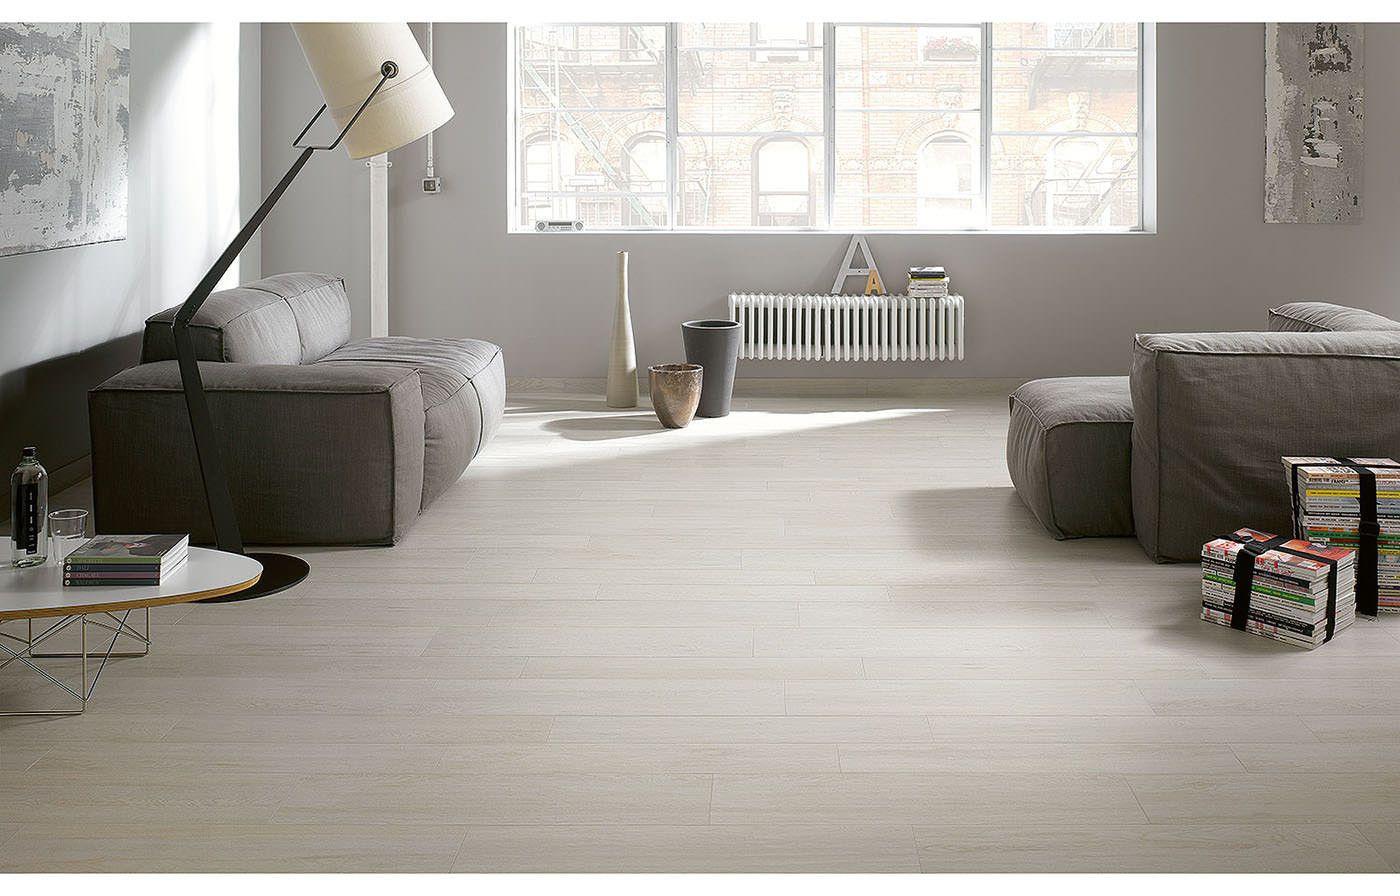 Flaviker #Urban Wood Bianco kalibriert 13,5X80 cm UW1810R ...